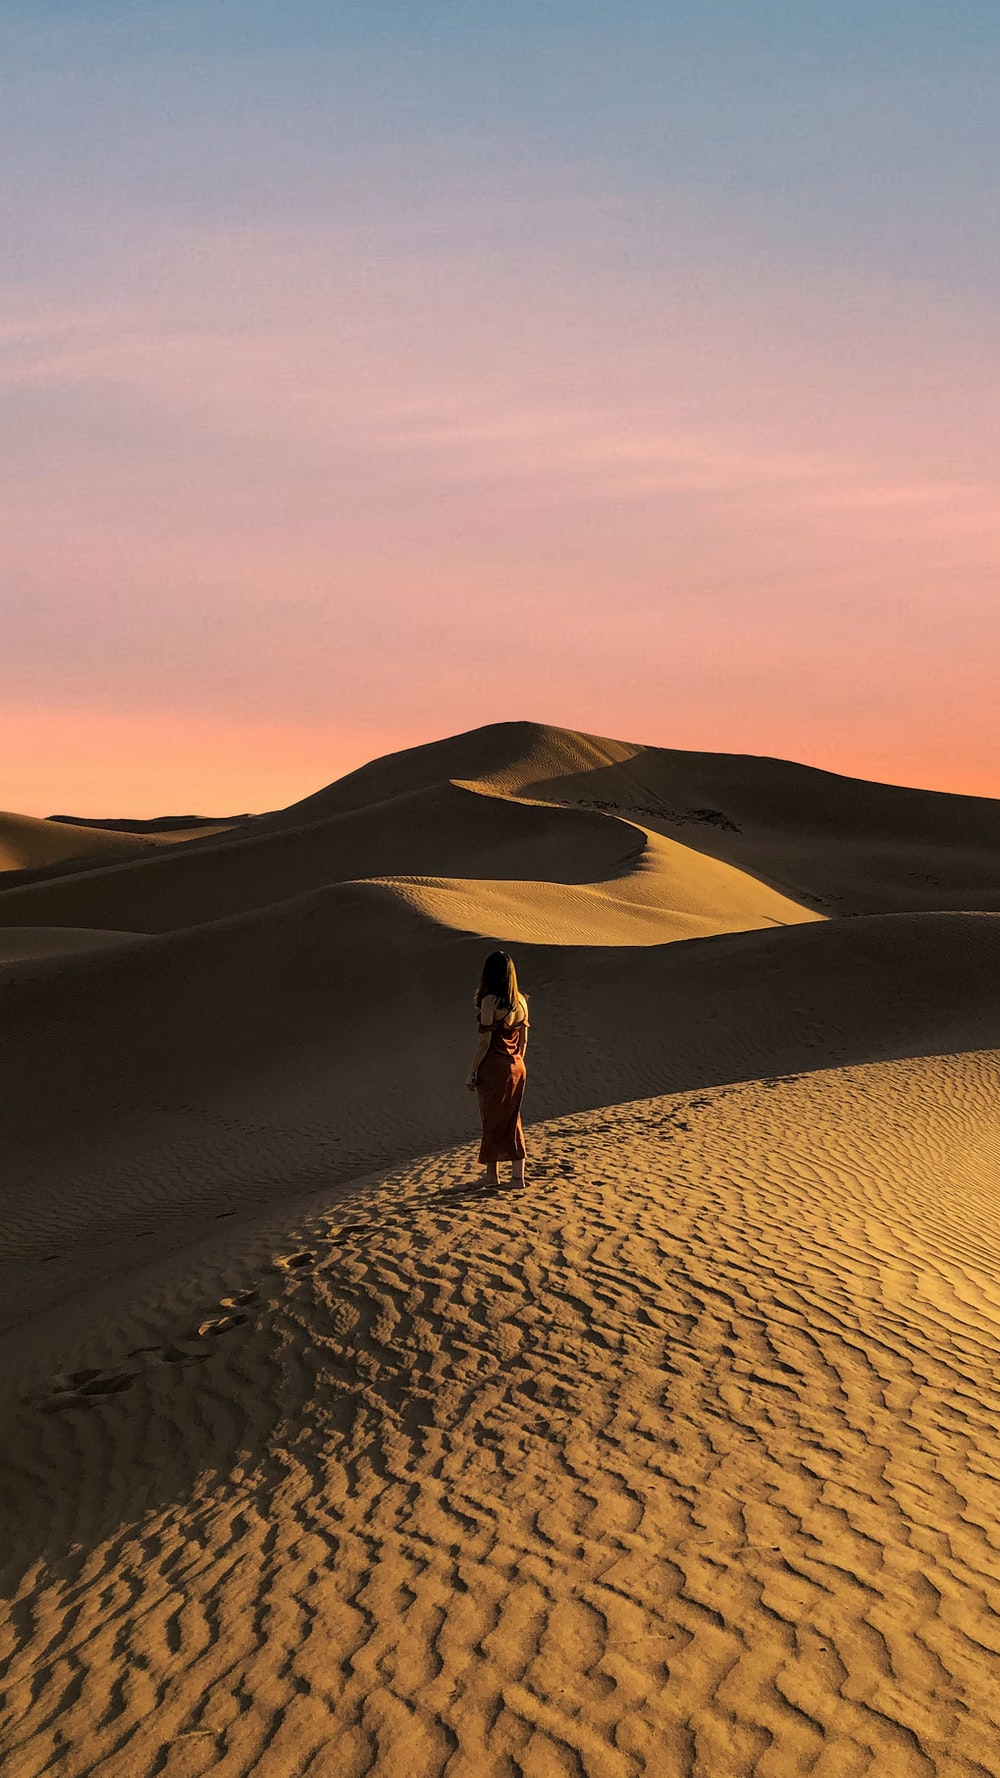 woman in black dress walking on desert during daytime